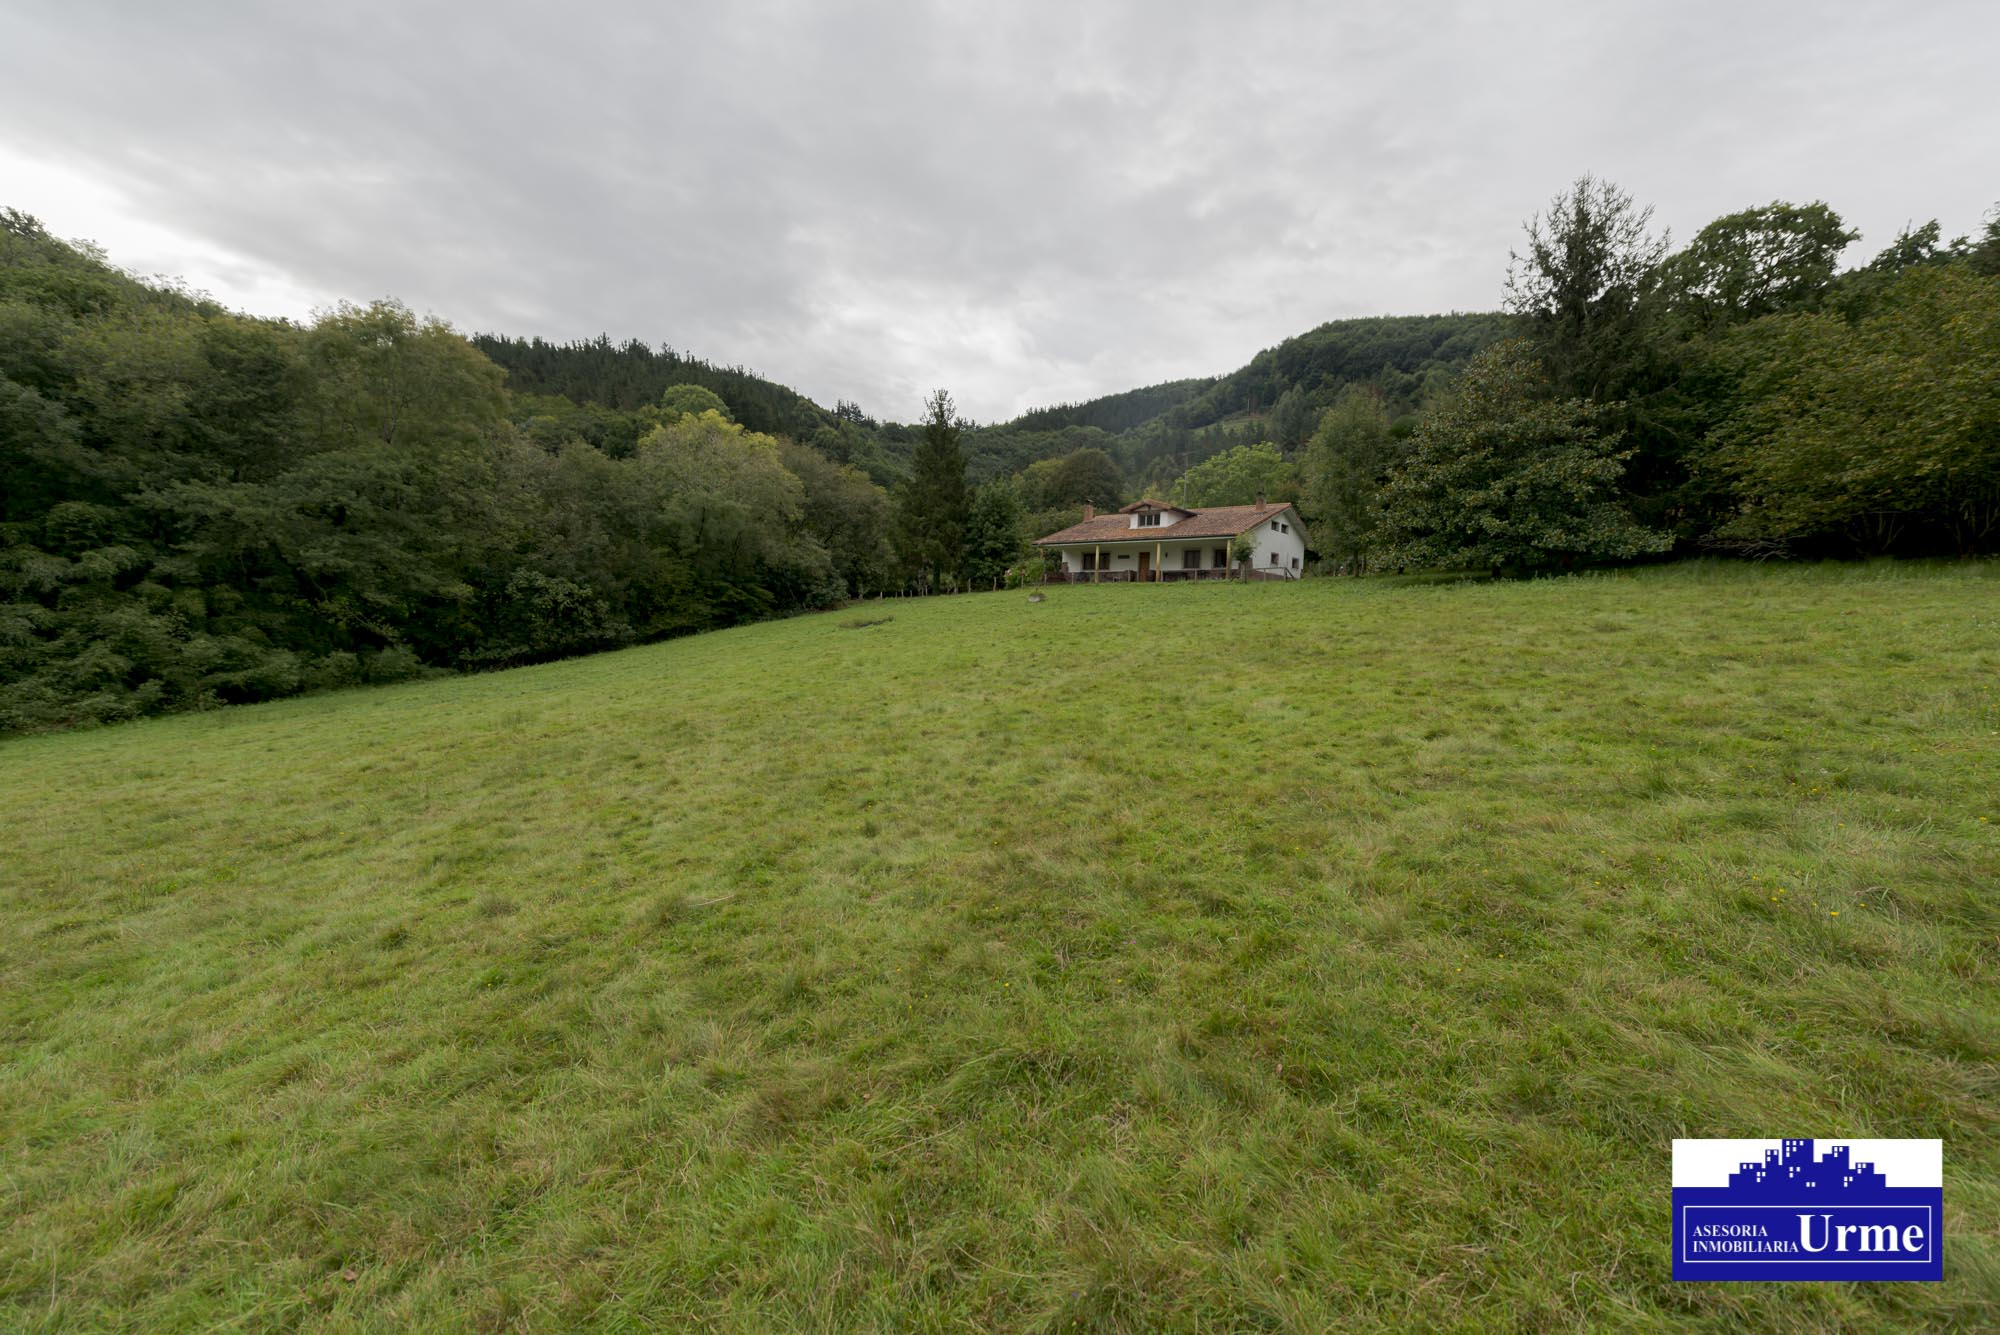 Buscas una villa en un entorno rural? te presentamos esta villa ubica...